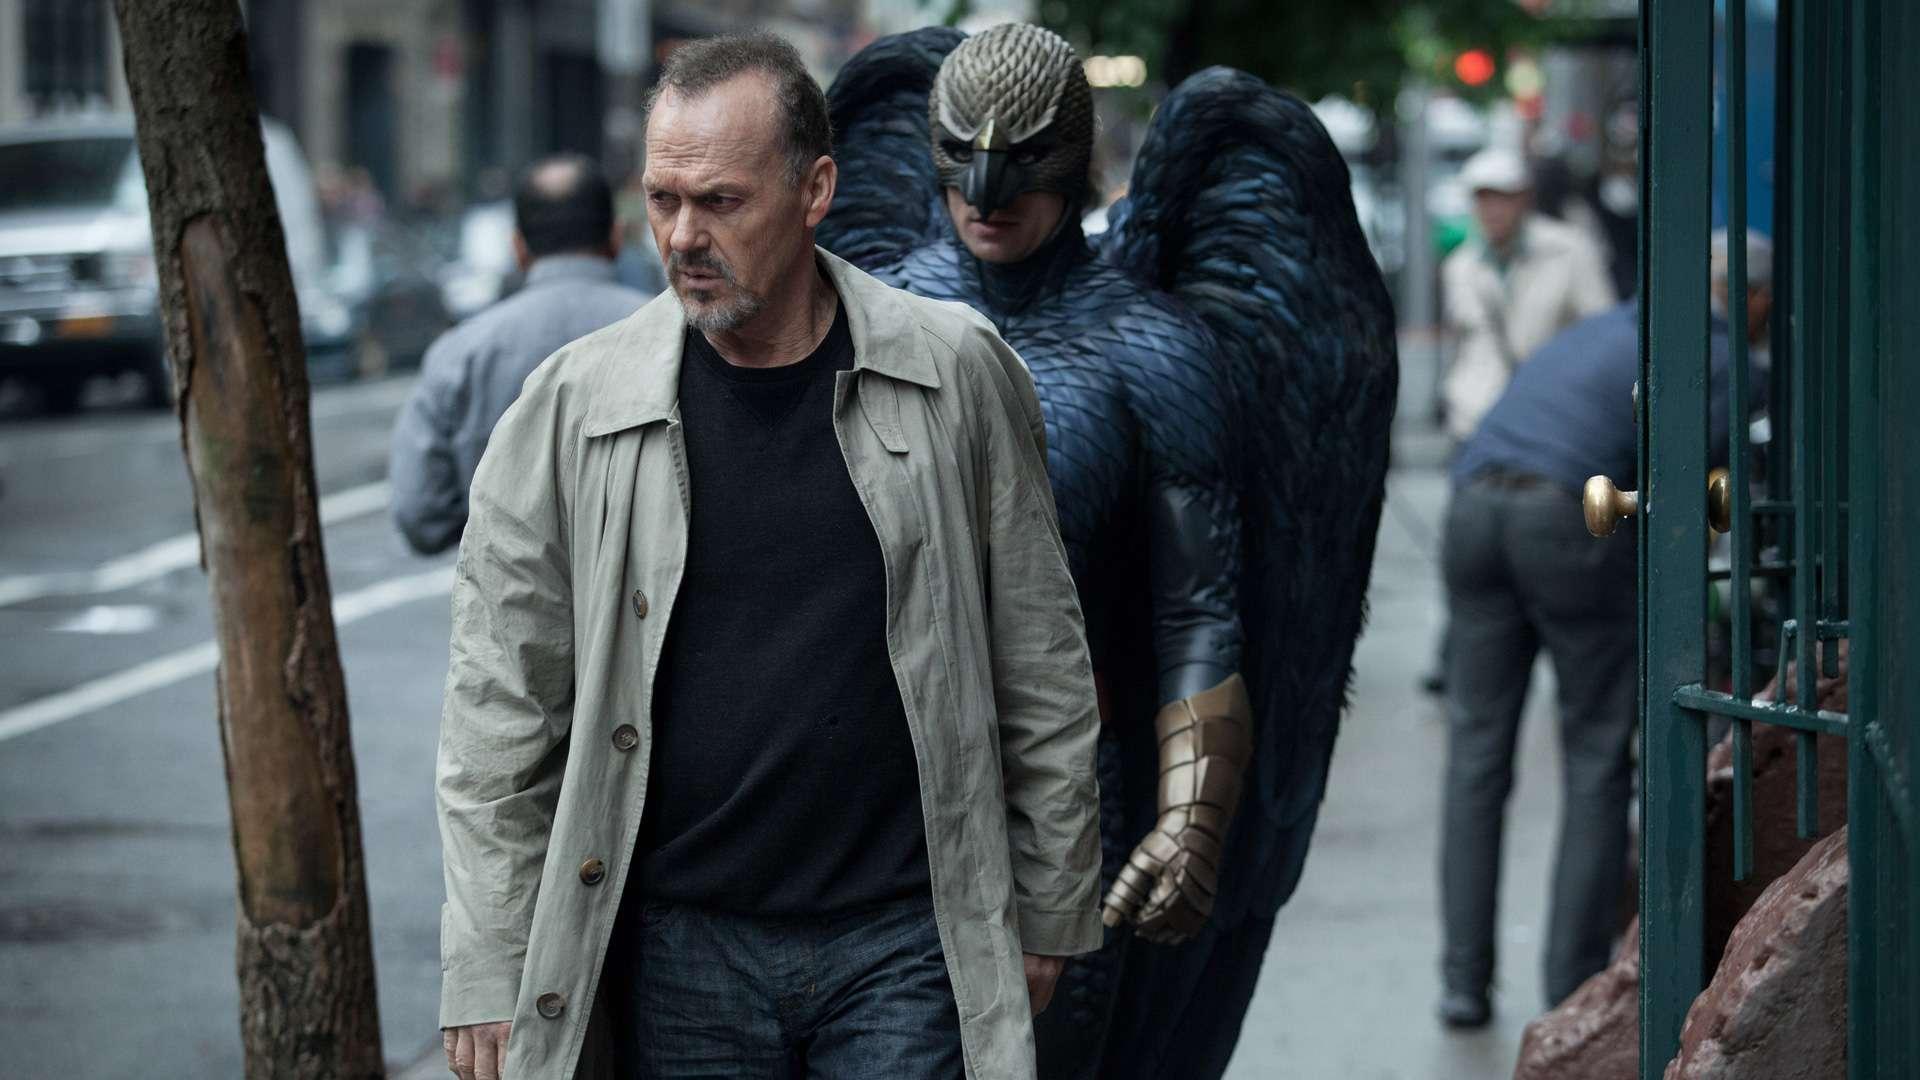 'Birdman' ganó cuatro premios Oscar: Mejor Película, Mejor Guión Original, Mejor Director y Mejor Fotografía. Foto: Película Birdman